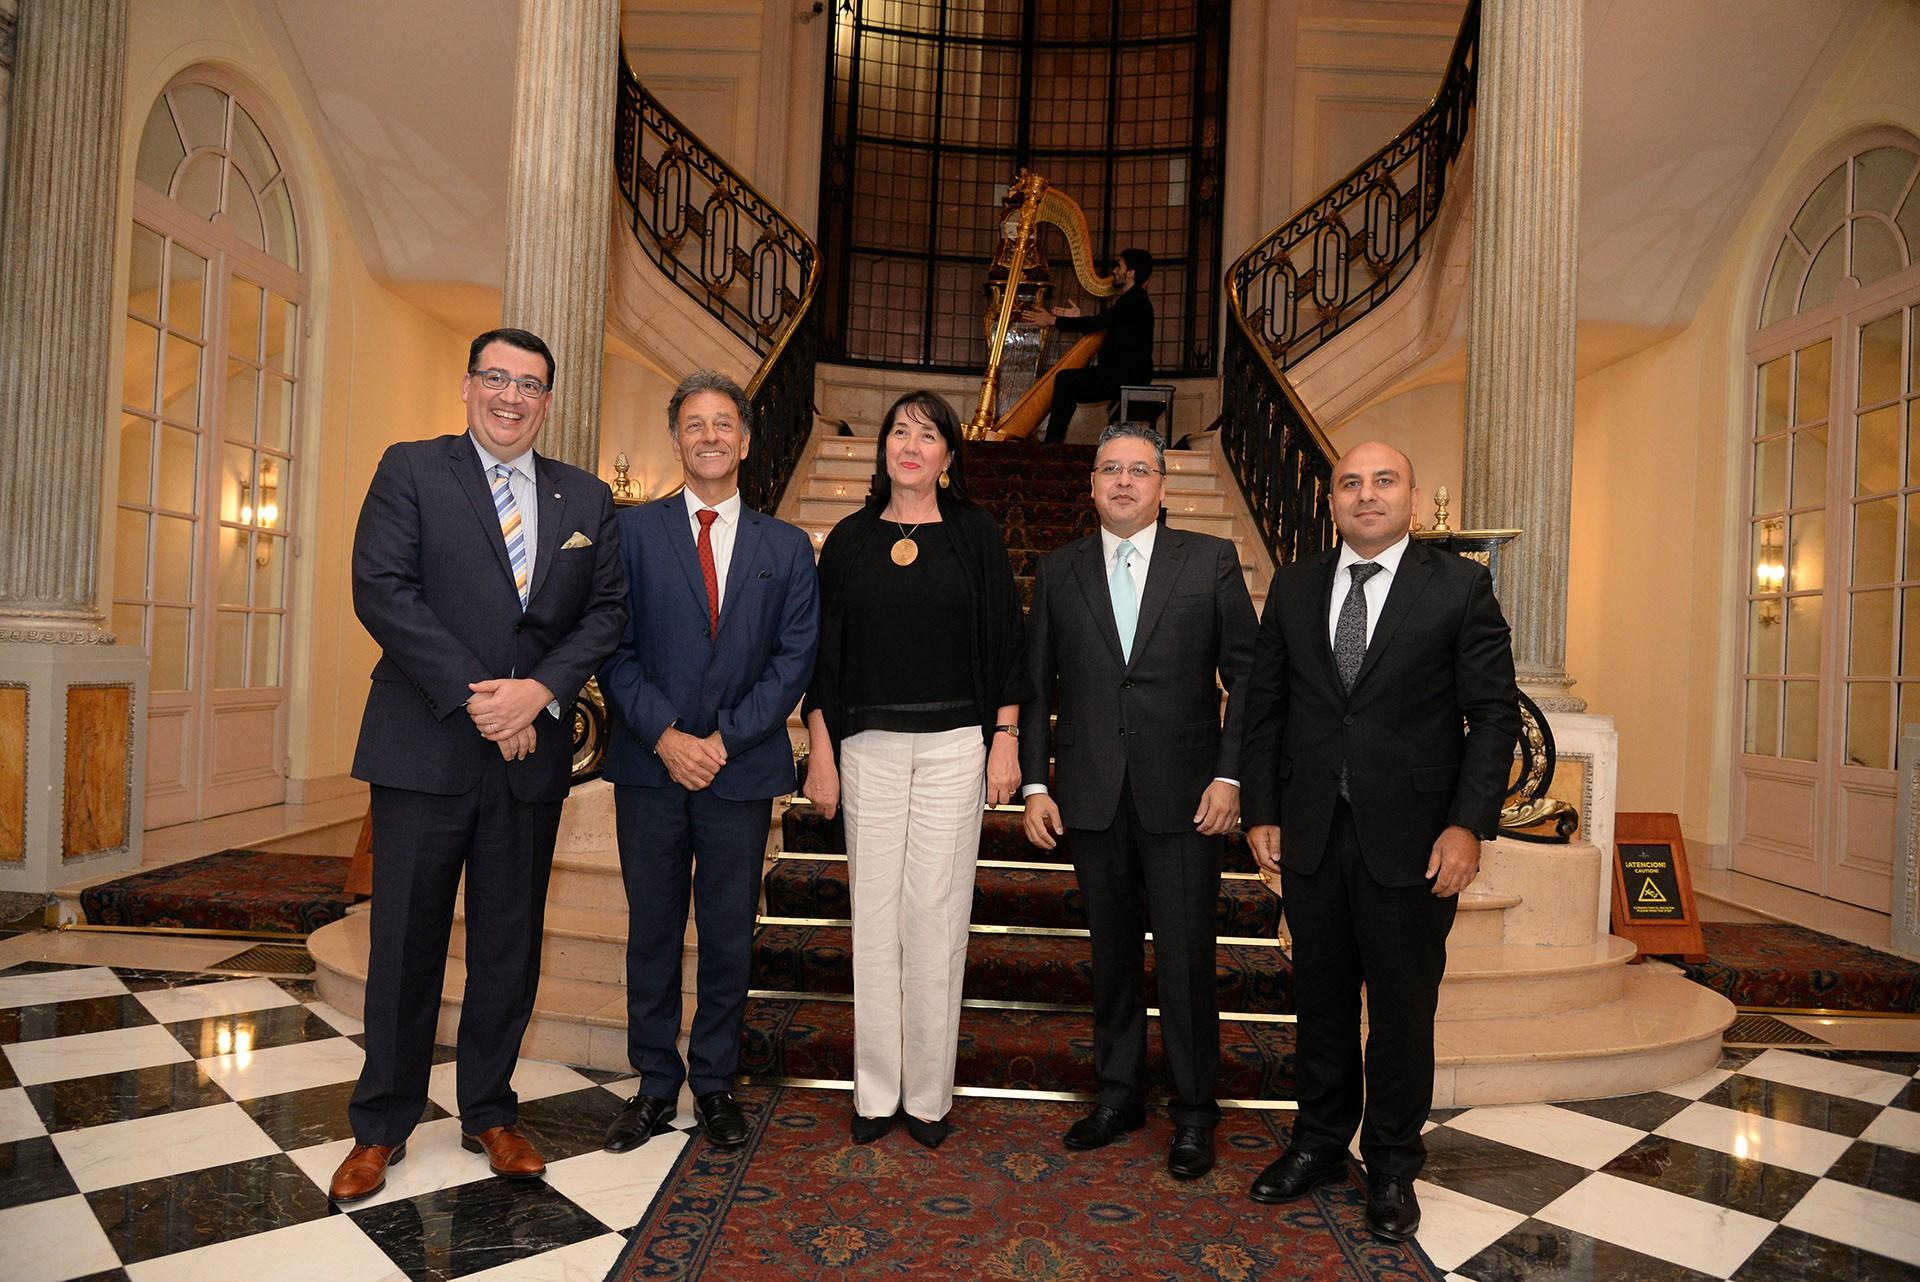 Tulio Hochkoeppler junto a Christoph Meran, embajador de Austria; Jela Bacovic, embajadora de Serbia; Ariel Blufstein, y Rashad Aslanov, embajador de Azerbaiyán